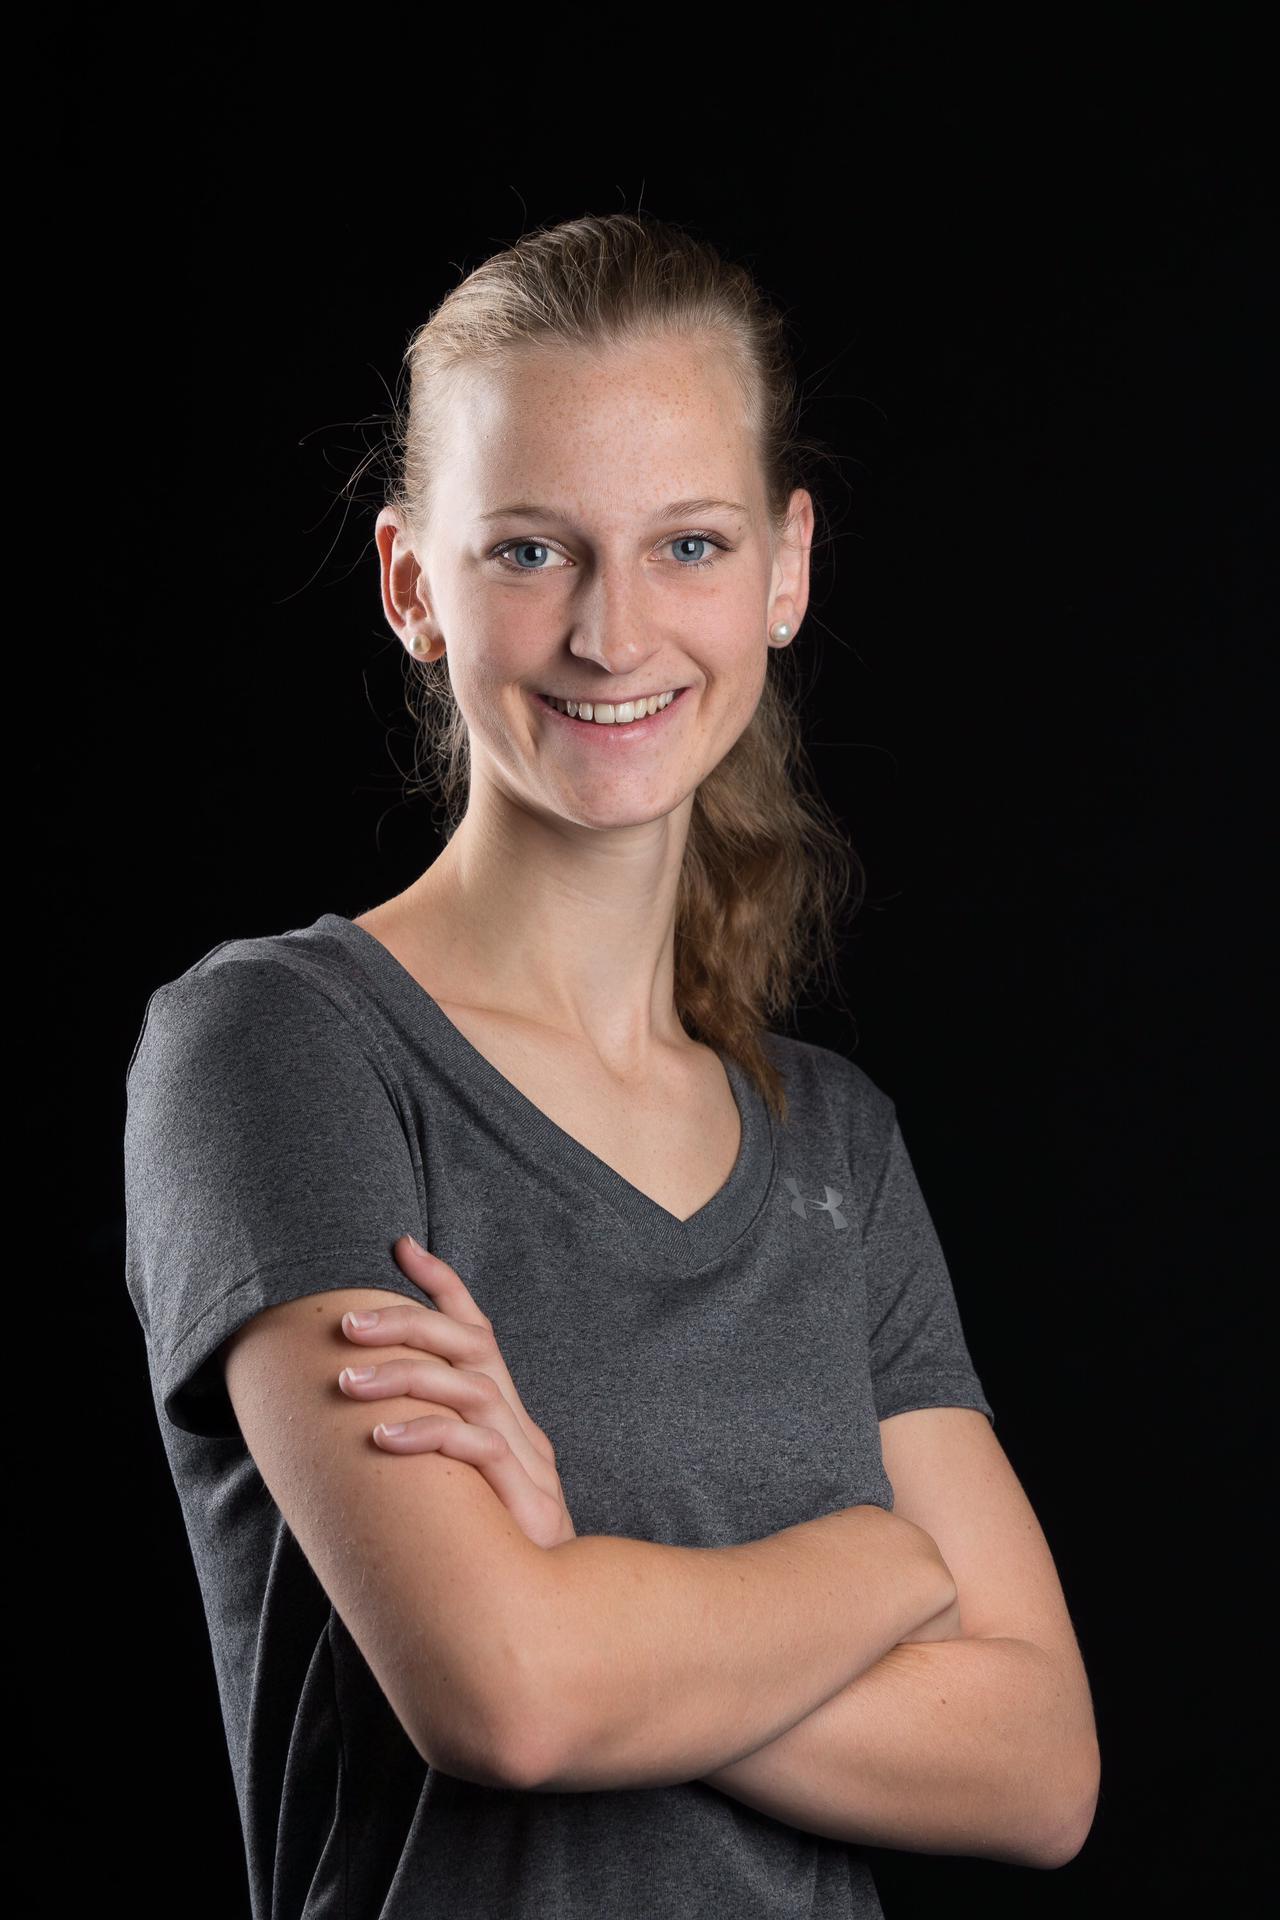 Jasmin Keller